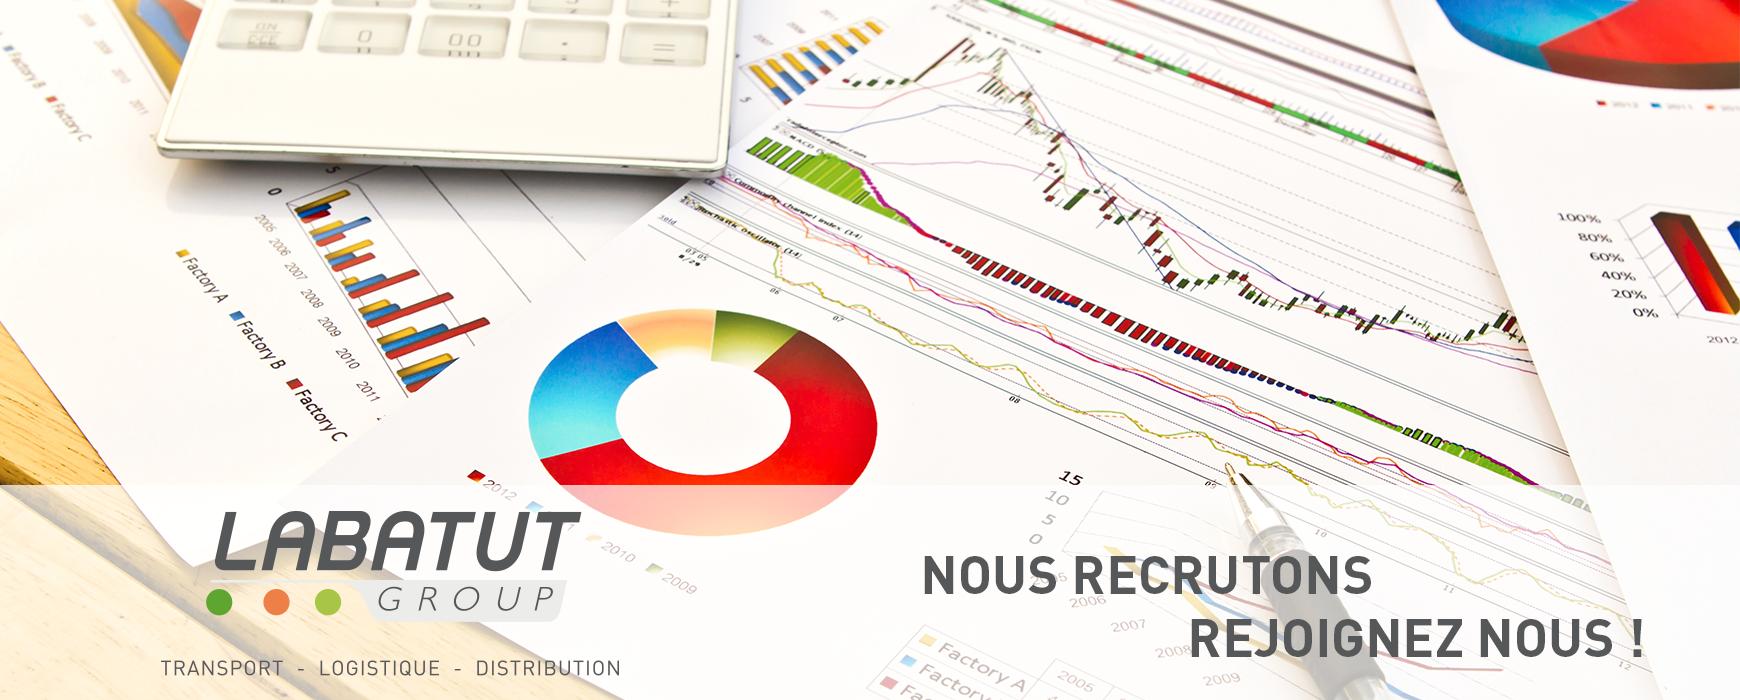 Offre d'emploi : Technico commercial affréteur H/F à Portet-sur-Garonne (31)